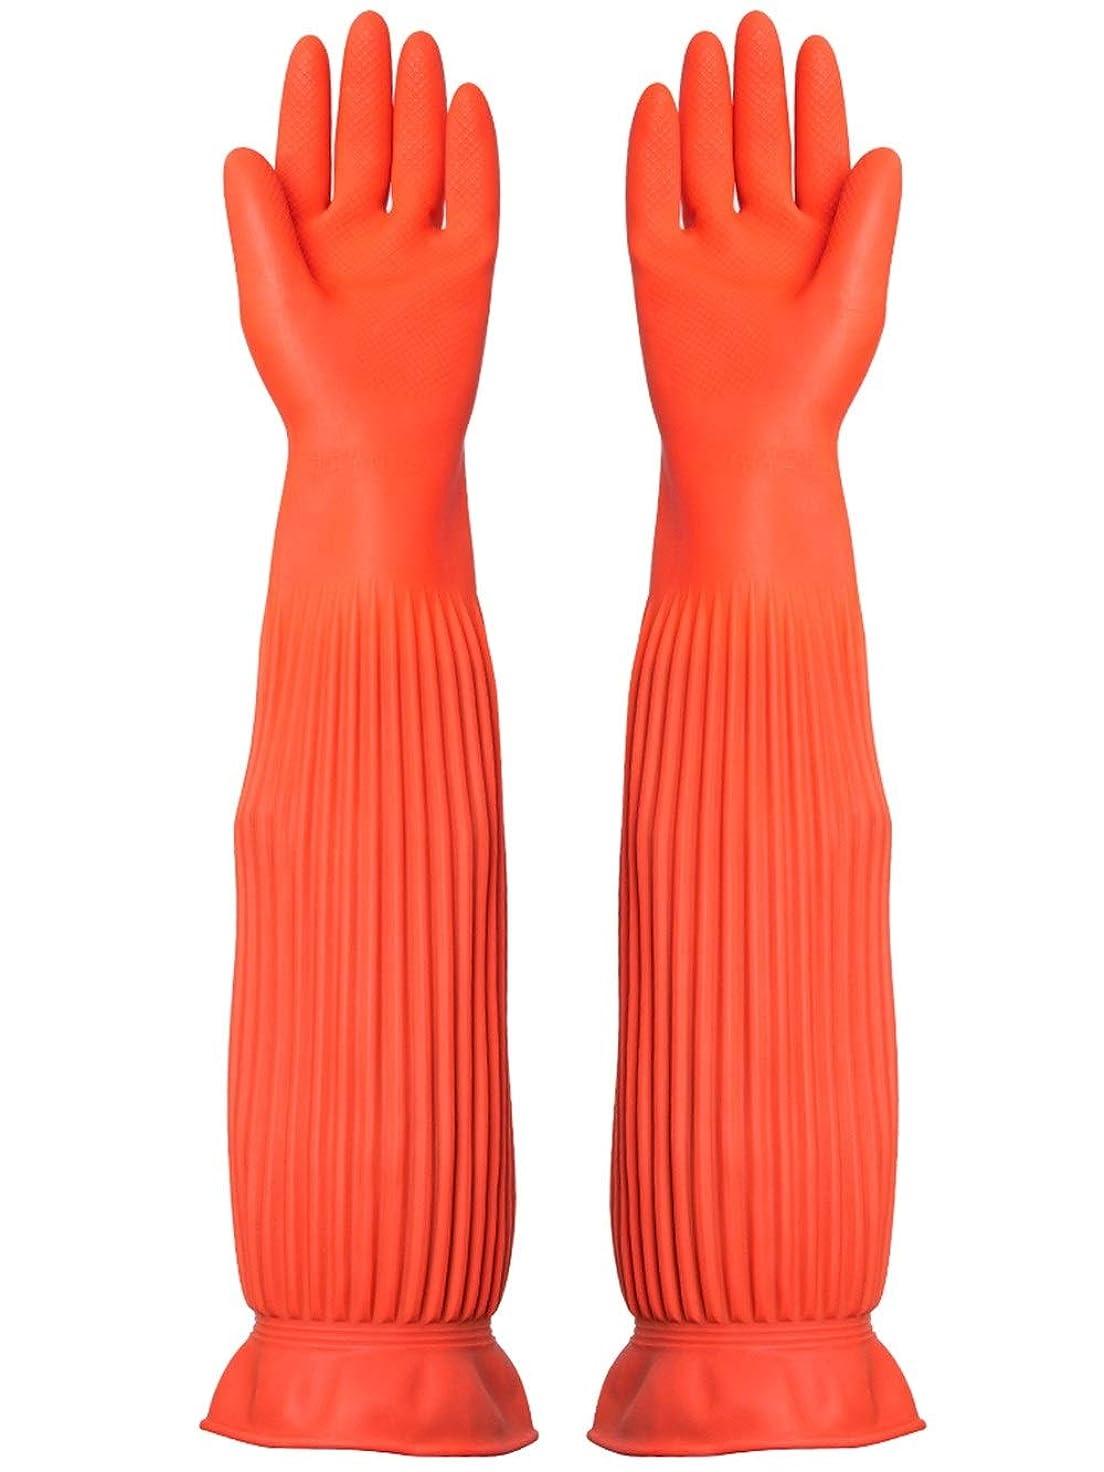 公爵夫人見つける混乱させるニトリルゴム手袋 労働保険手袋長い防水ゴム厚の耐摩耗性ゴム手袋、1ペア 使い捨て手袋 (Color : ORANGE, Size : M)